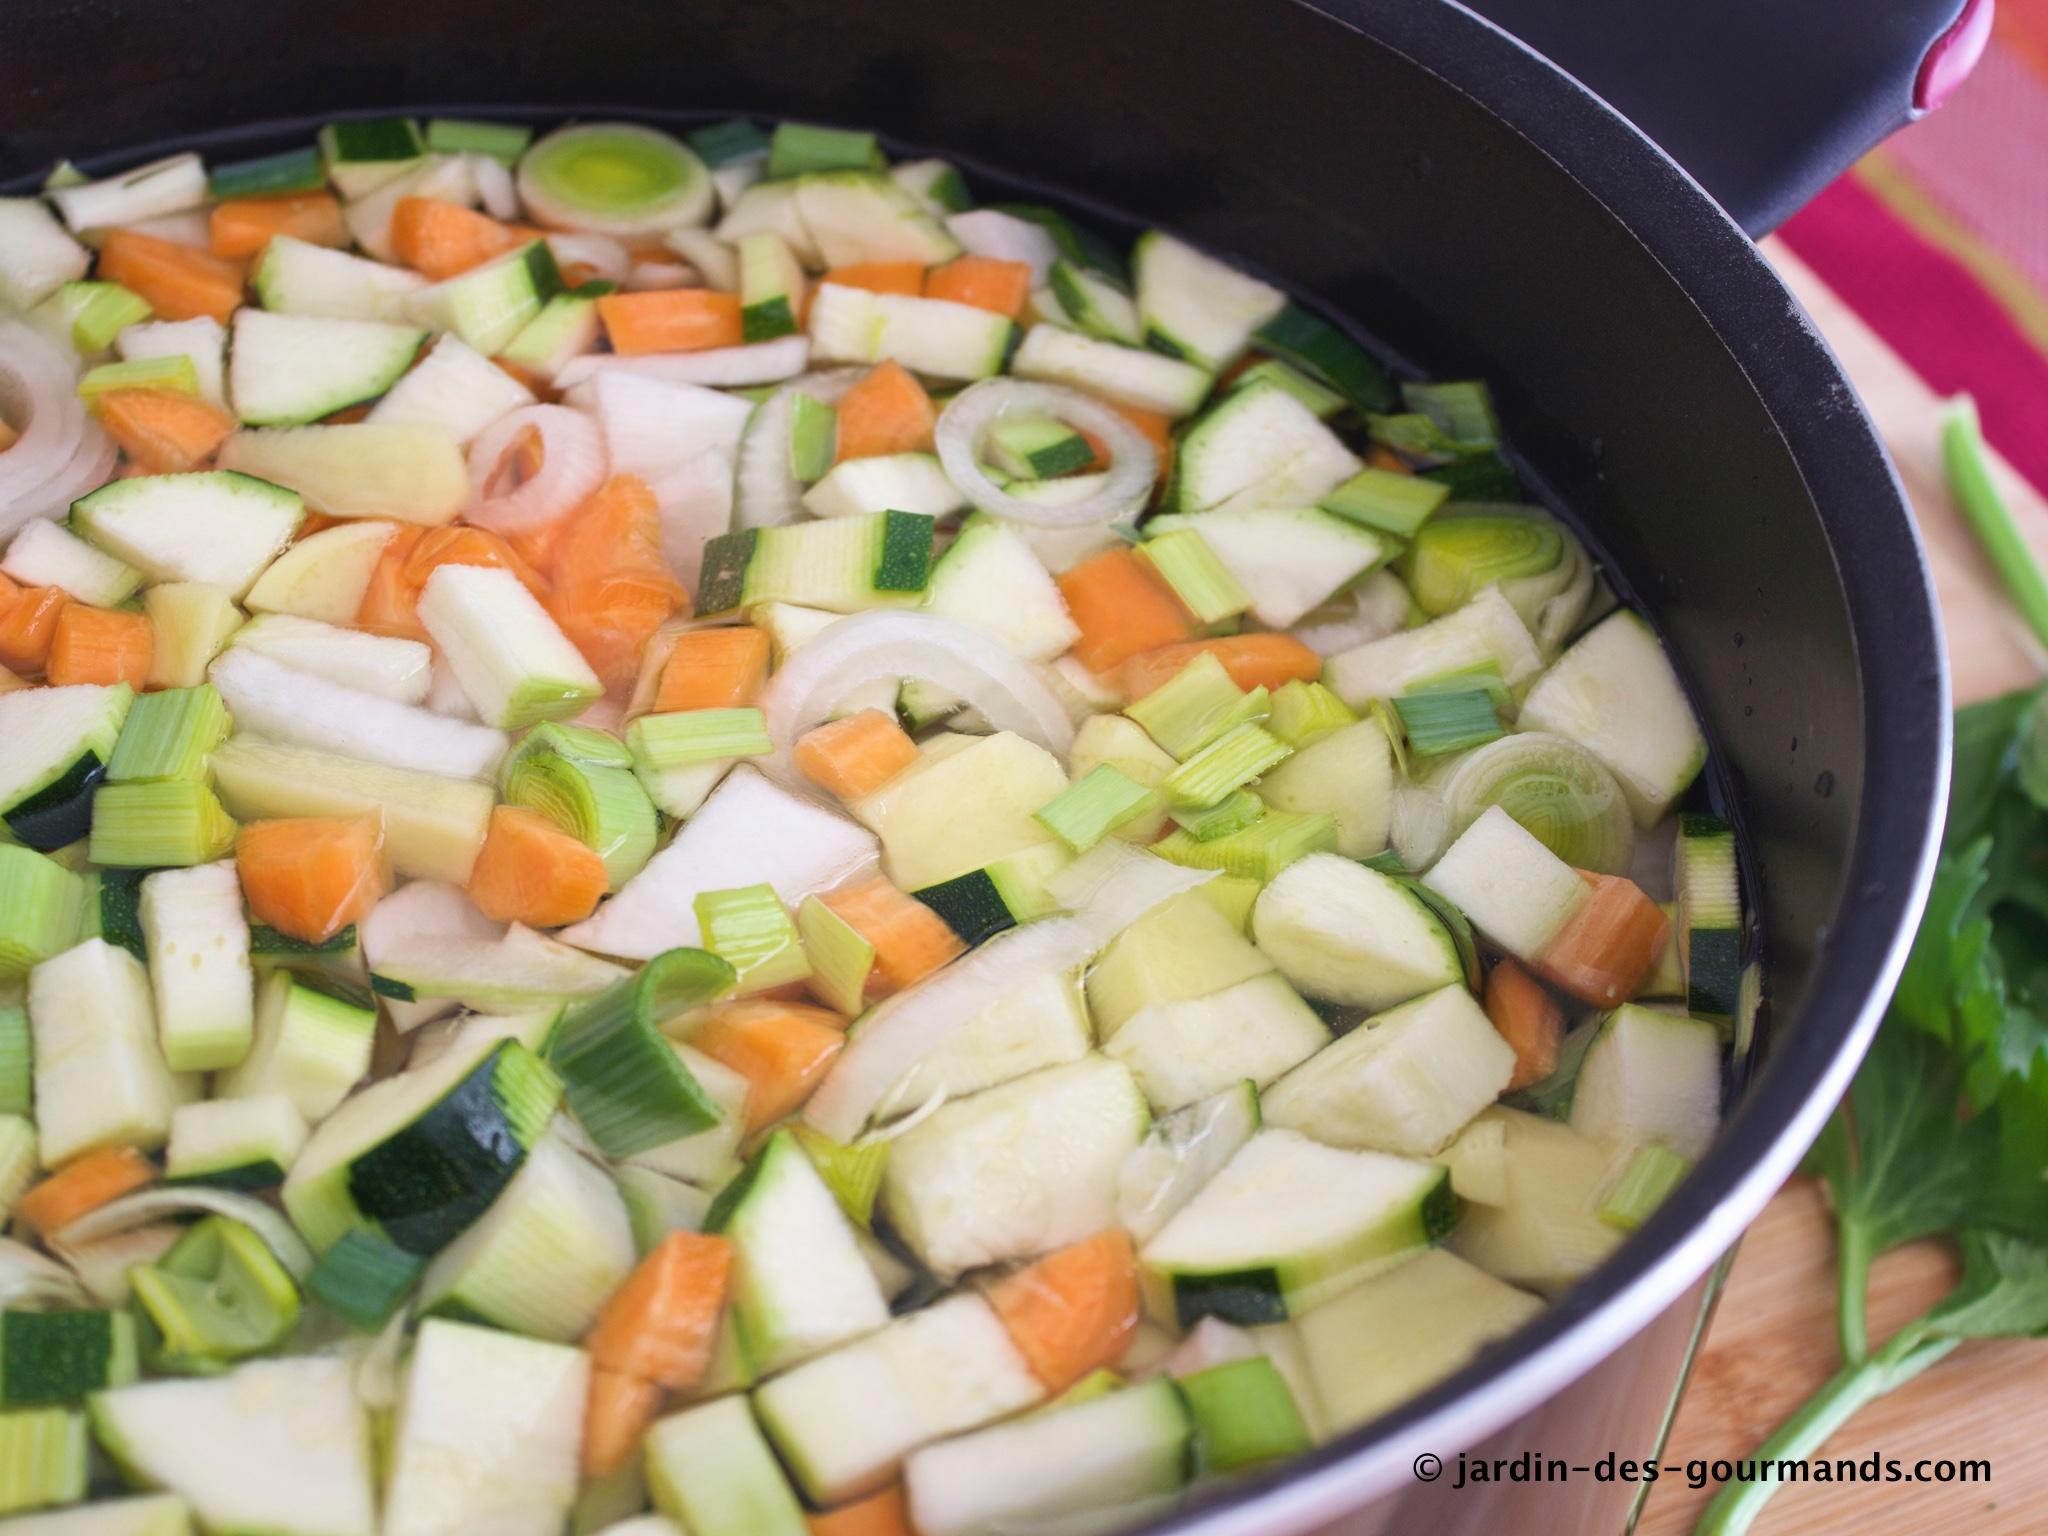 Legumes A Mettre Dans Le Jardin ma soupe de légumes - jardin des gourmandsjardin des gourmands